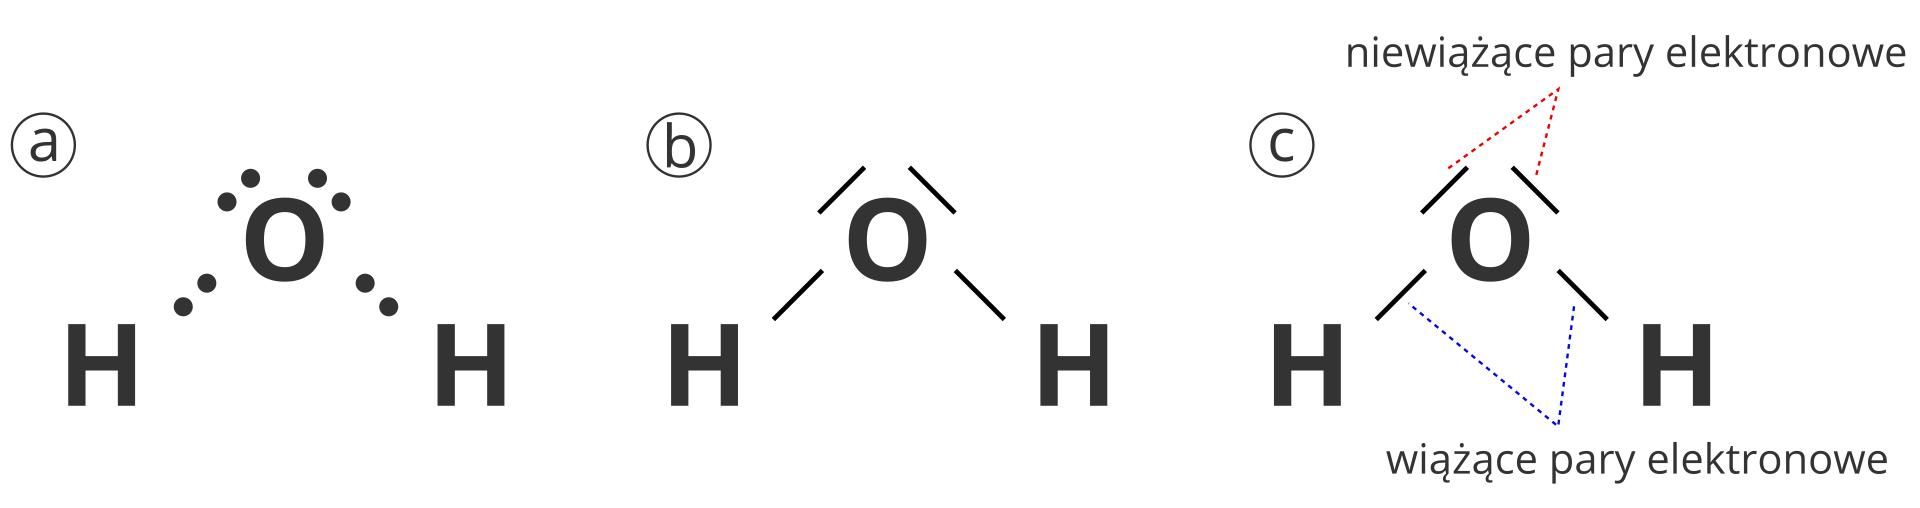 Ilustracja przedstawia wzór elektronowy kreskowy cząsteczki wody. Można zniego odczytać, że każdy zatomów wodoru połączony jest zatomem tlenu jedną parą elektronową, asam atom tlenu ma ponadto dwie własne zamknięte pary elektronowe.